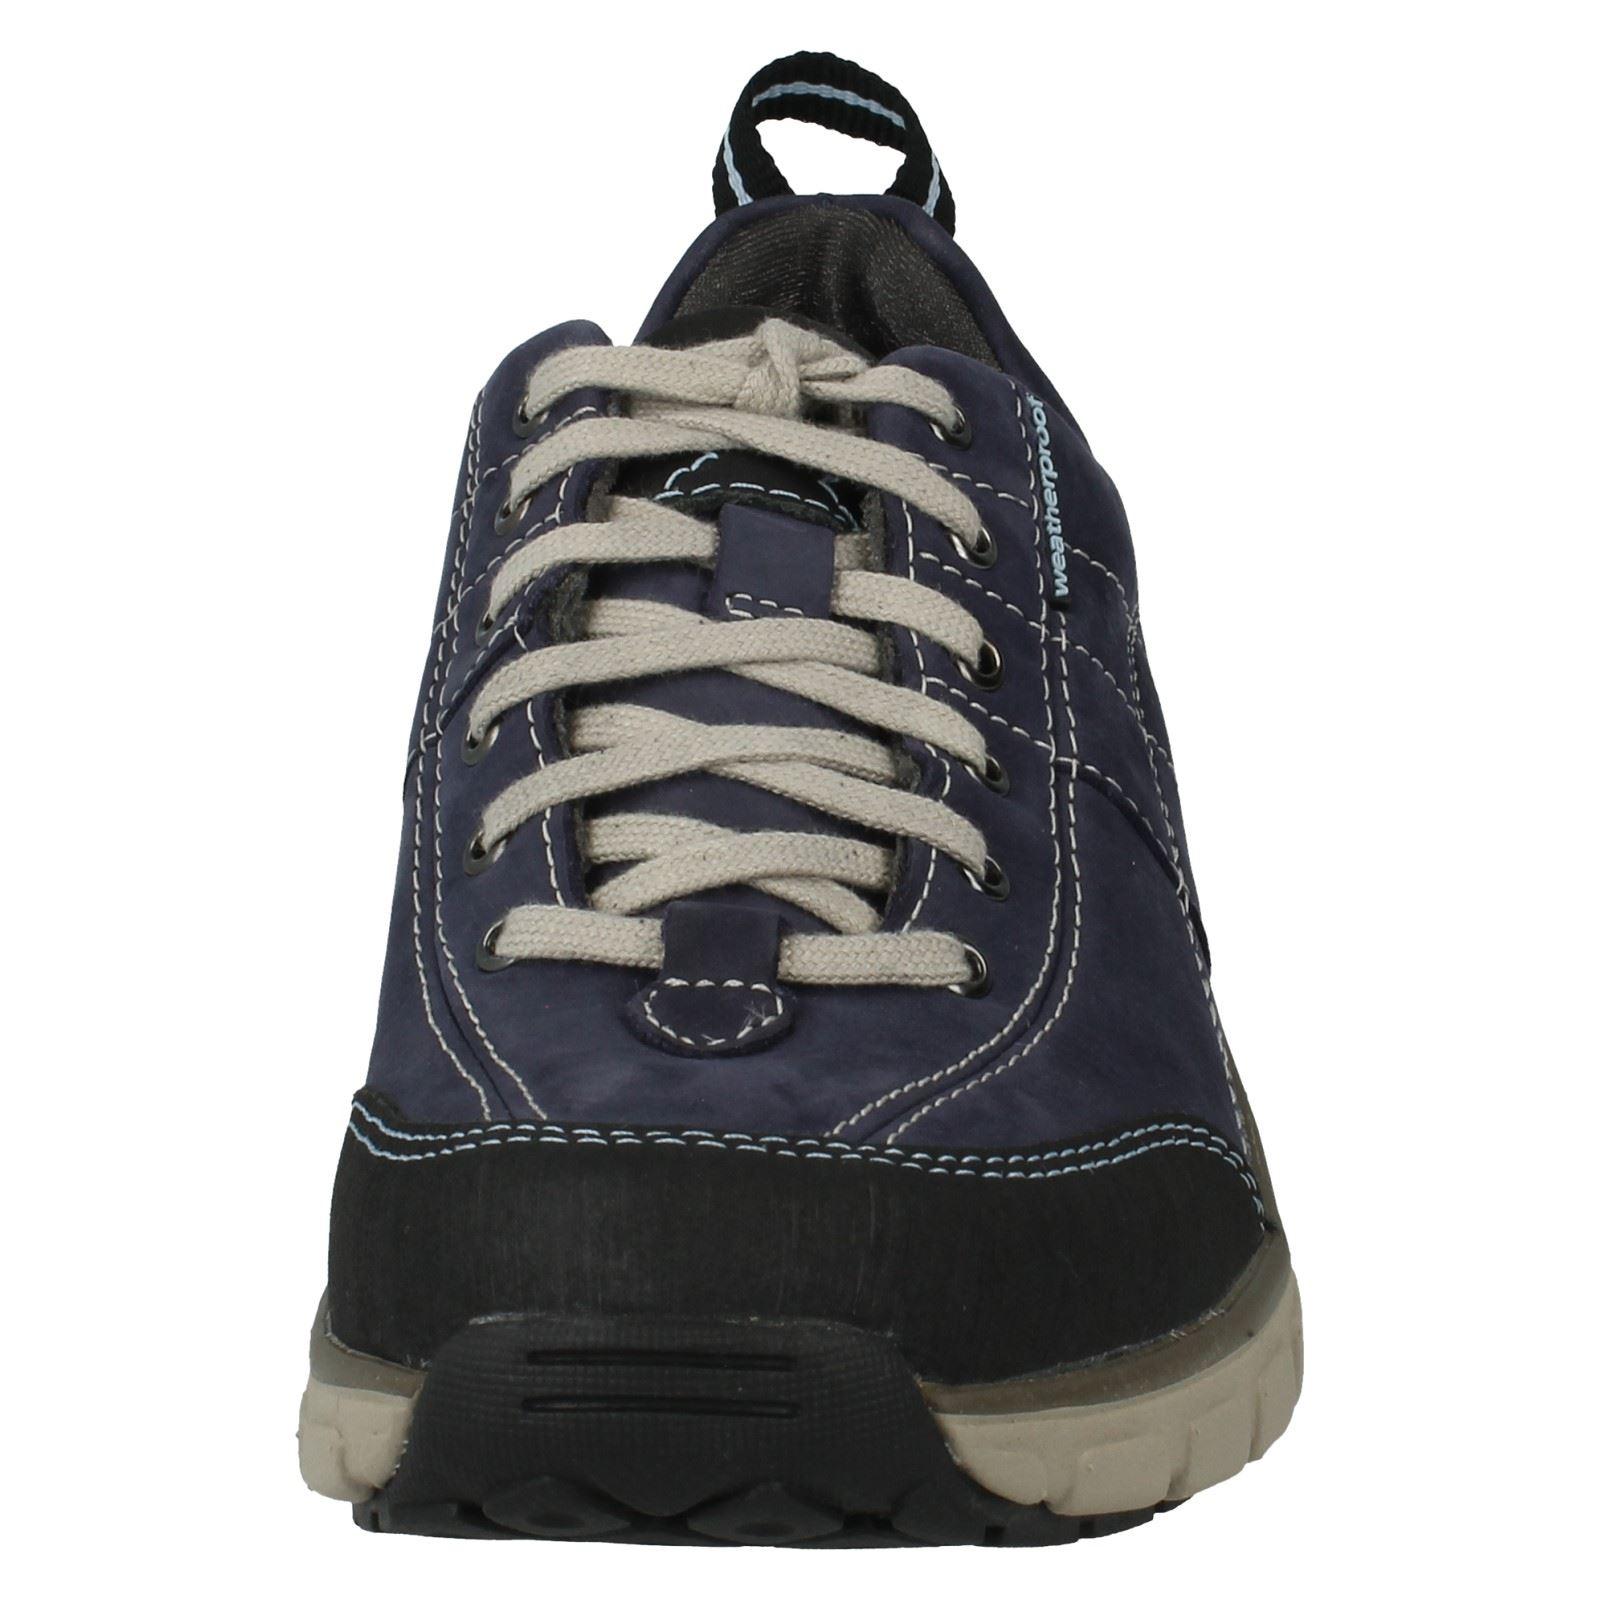 Femmes clarks lacets vague active wear chaussures de marche vague lacets roam a01bd5